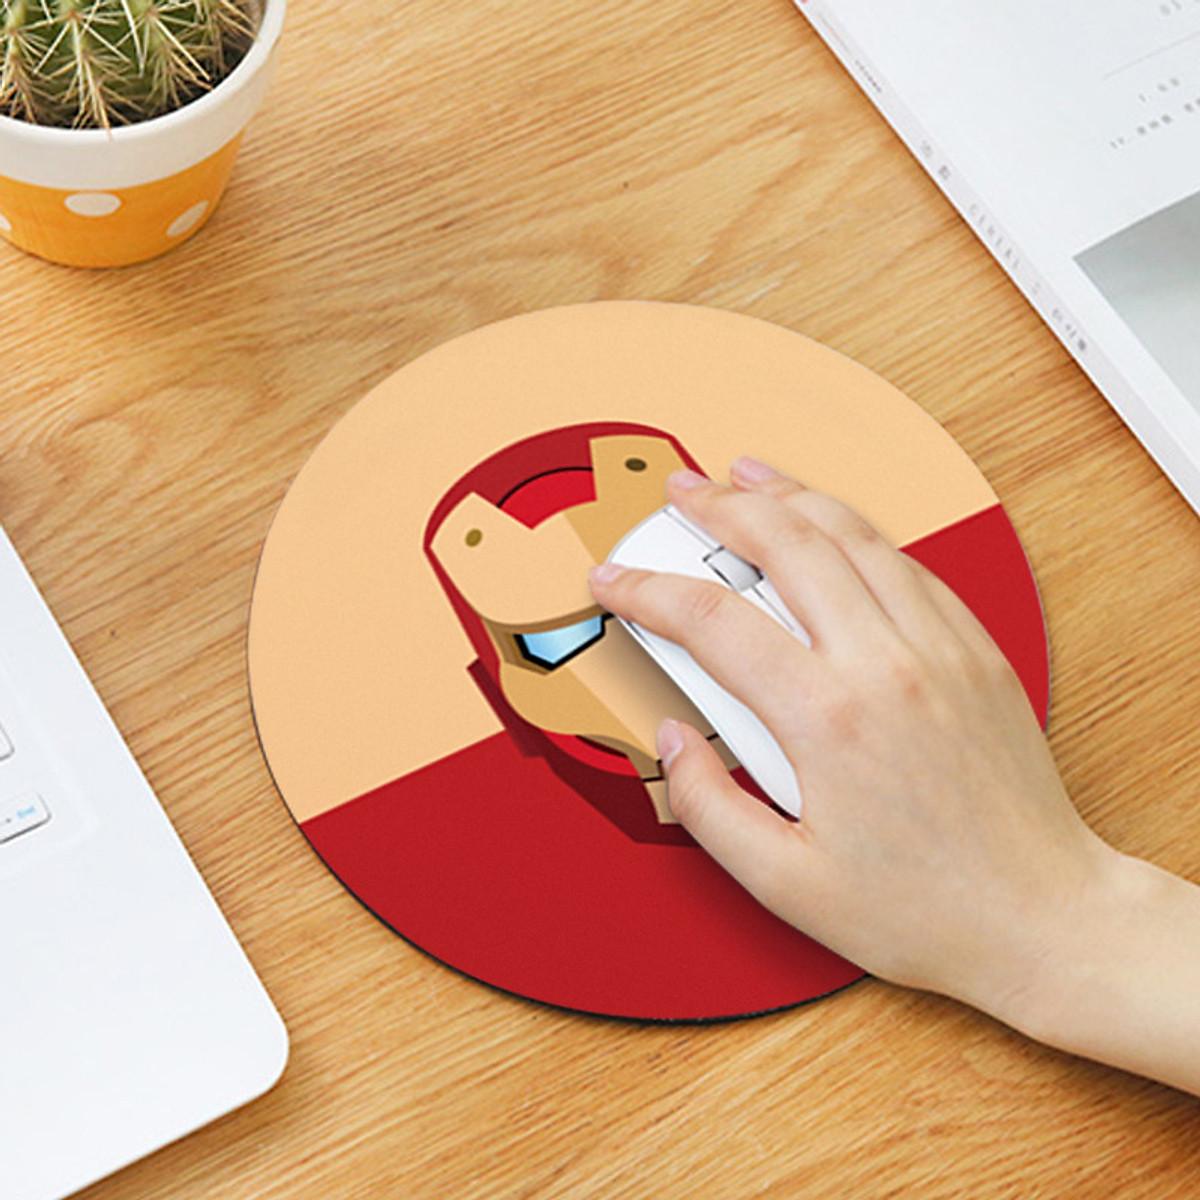 Bảng giá Bộ sưu tập Miếng lót chuột mousedpad cao su siêu nhạy họa tiết dễ thương (Hình tròn 20cm) Phong Vũ